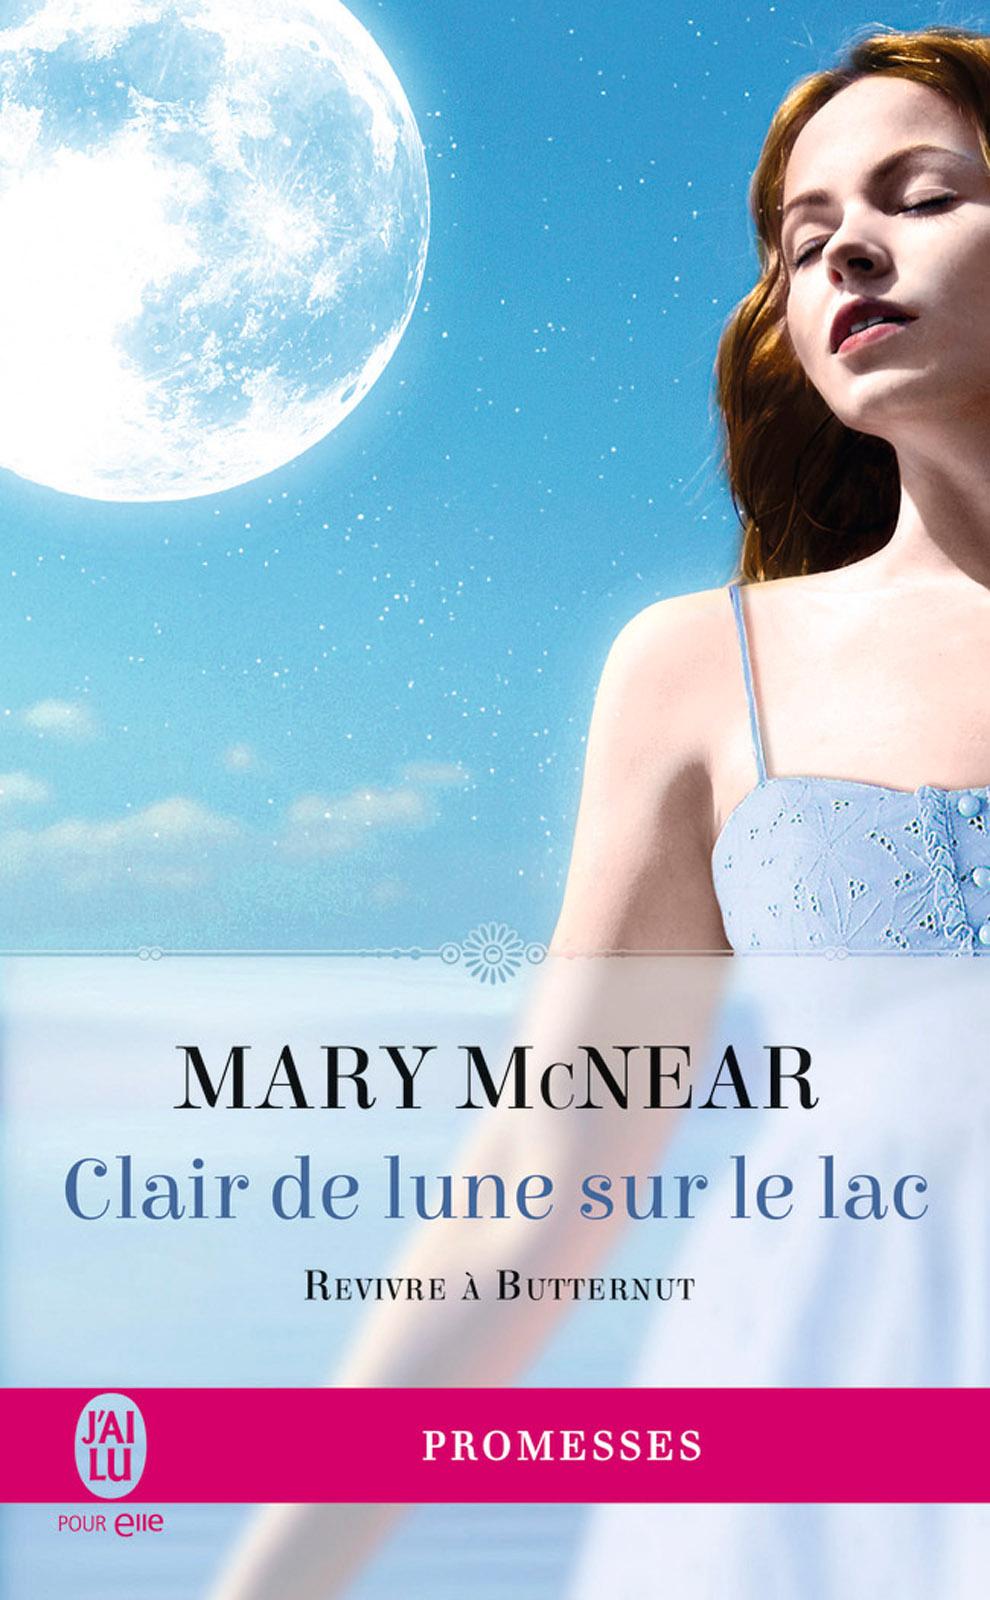 Revivre à Butternut (Tome 3) - Clair de lune sur le lac